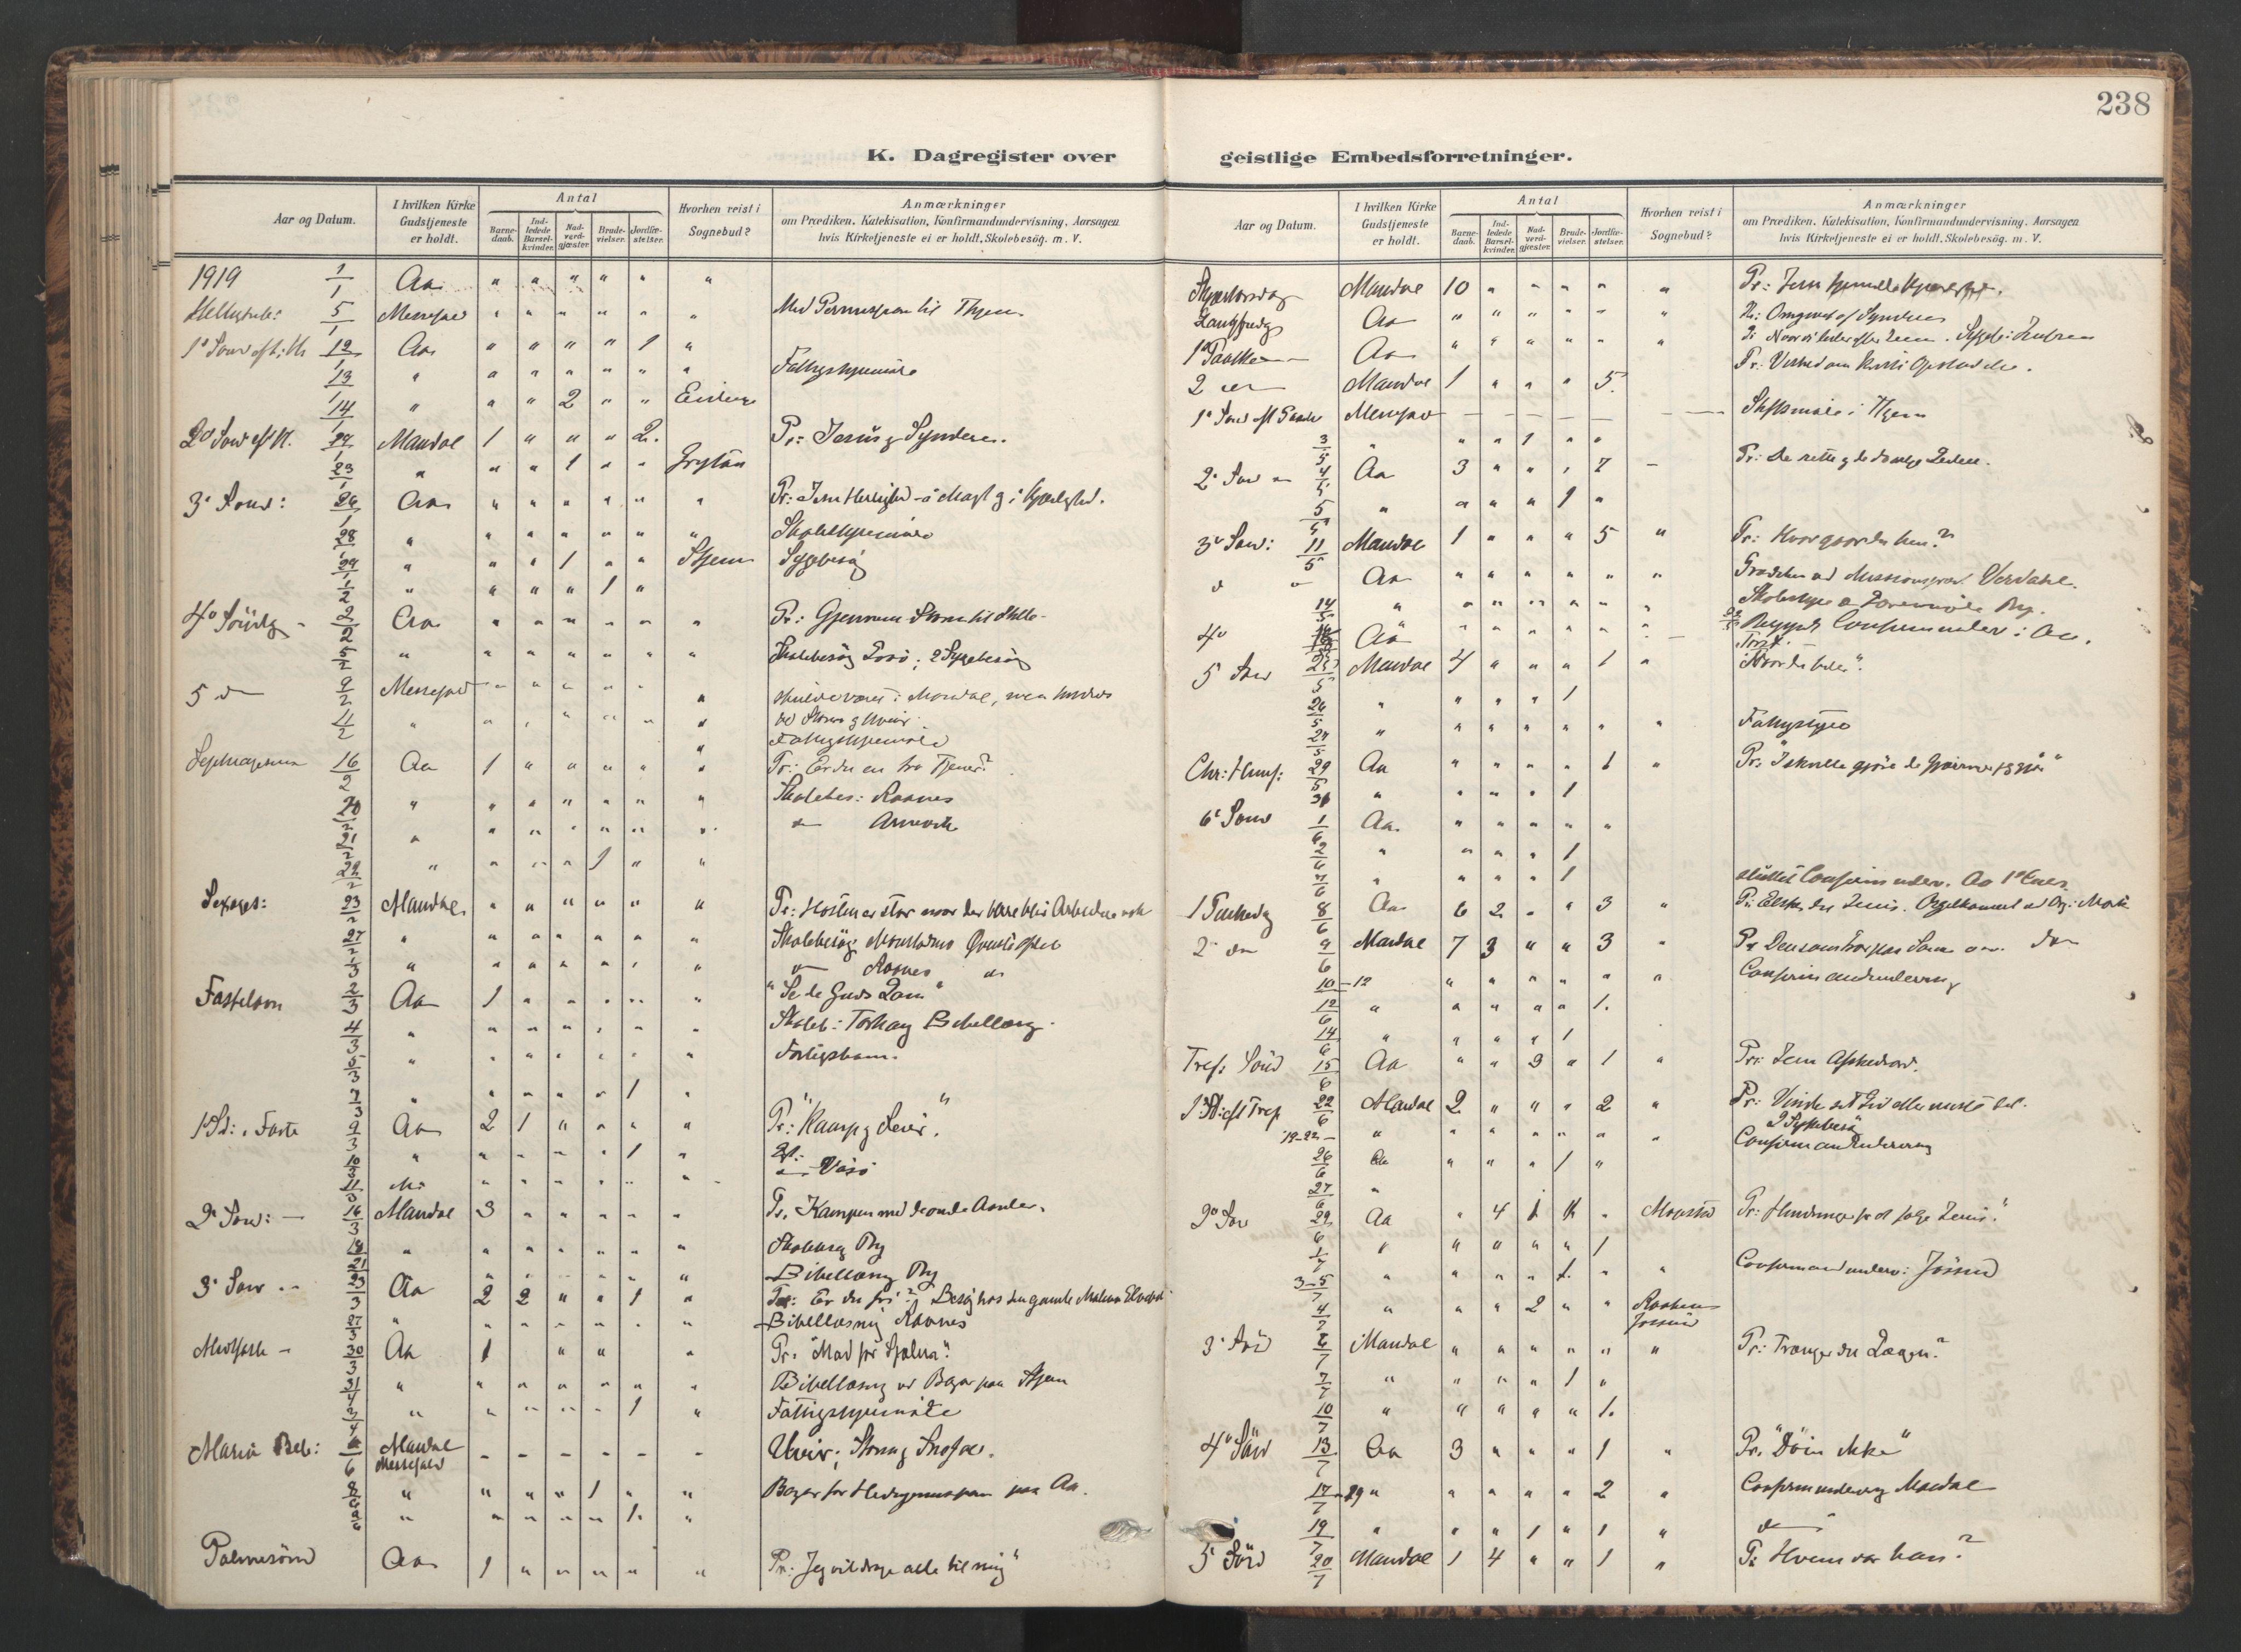 SAT, Ministerialprotokoller, klokkerbøker og fødselsregistre - Sør-Trøndelag, 655/L0682: Ministerialbok nr. 655A11, 1908-1922, s. 238